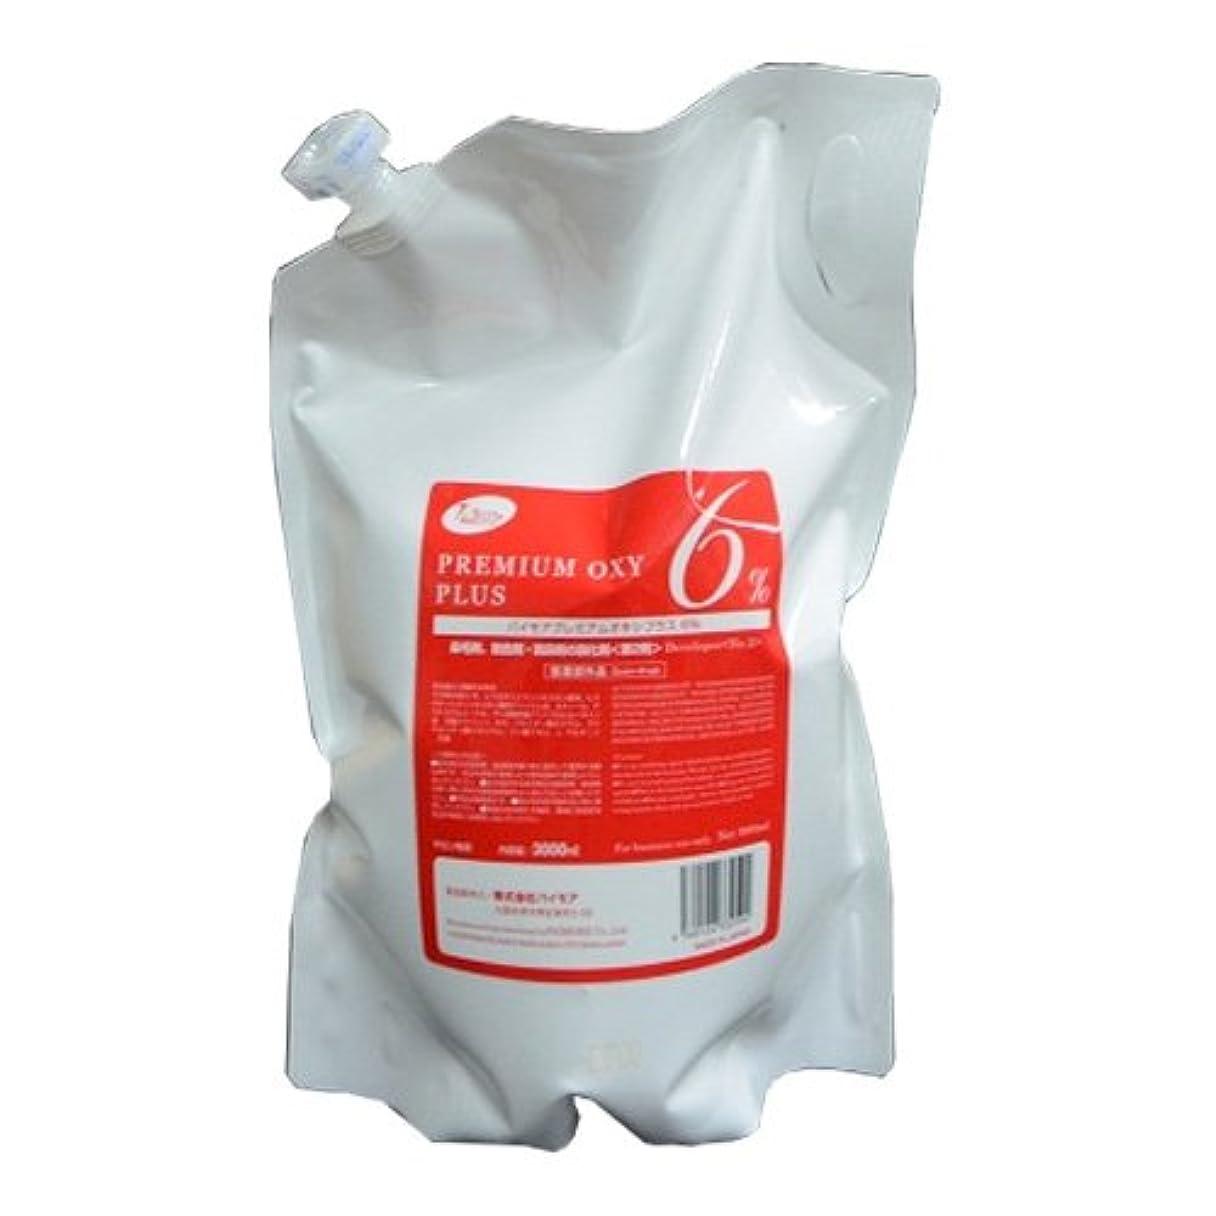 くさび不利厳しいパイモア プレミアムオキシプラス 6%(レフィルタイプ) 3000ml [医薬部外品]